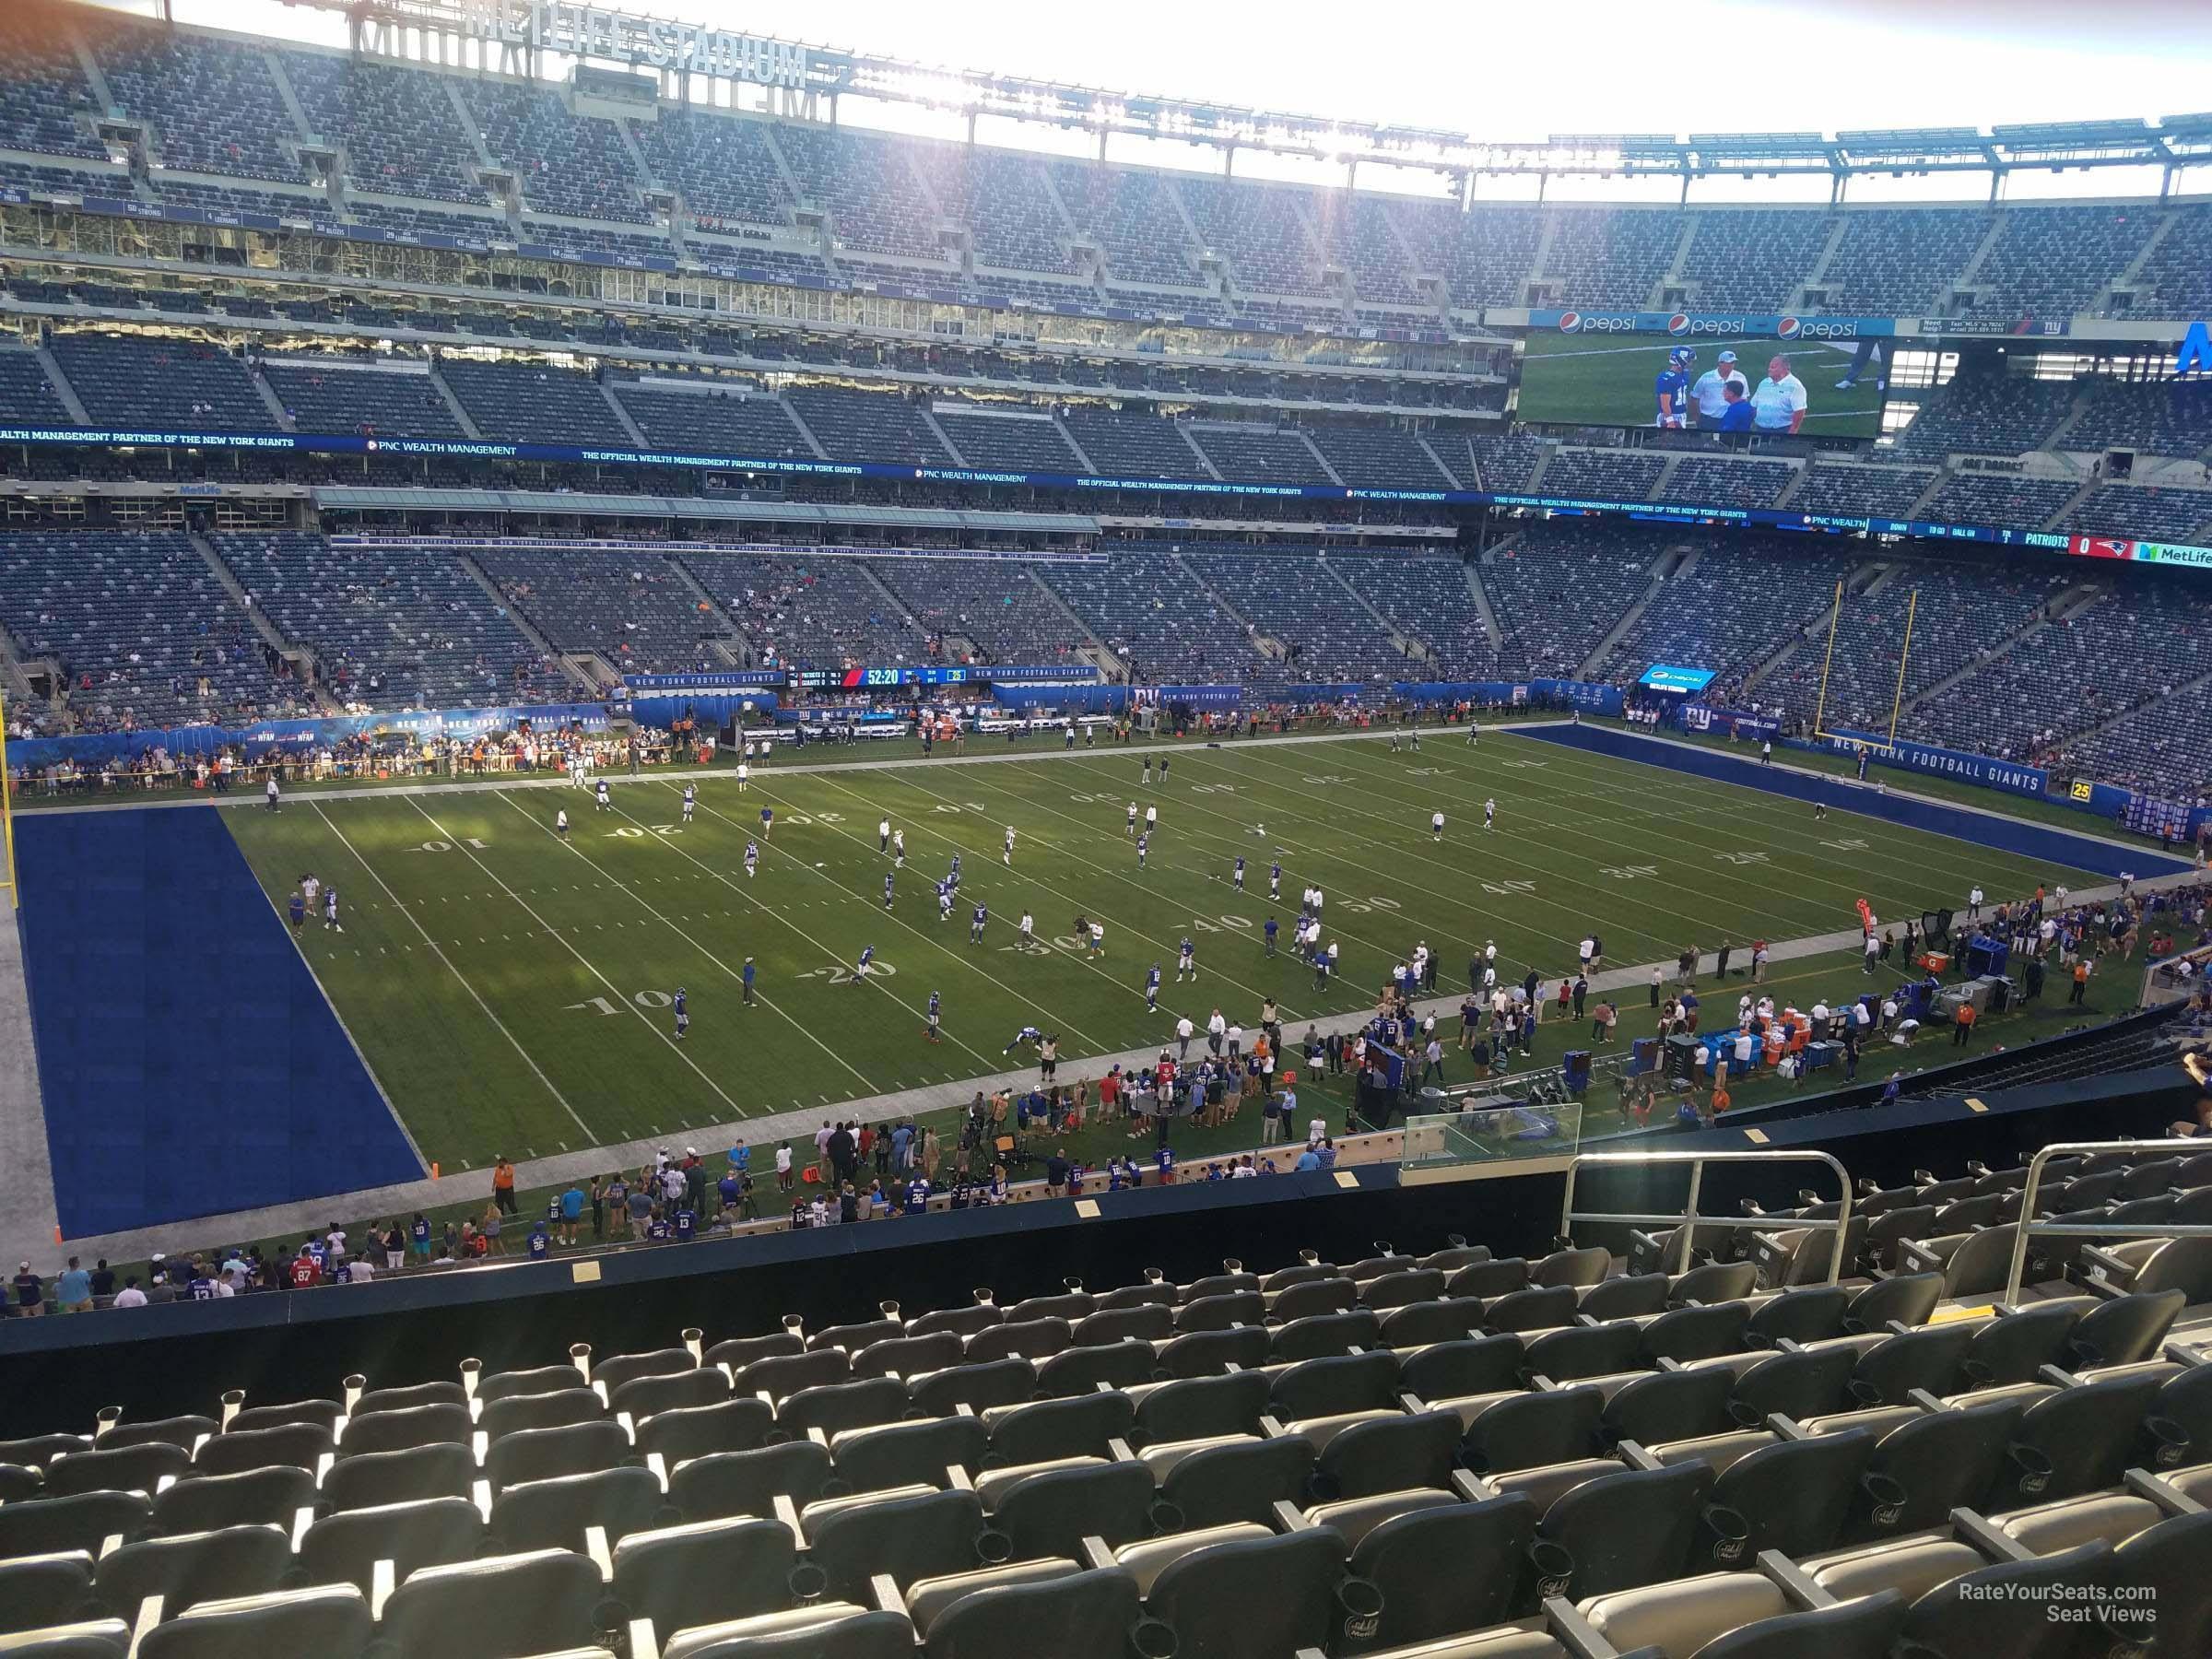 super popular c9707 f8d50 MetLife Stadium Section 218 - Giants/Jets - RateYourSeats.com